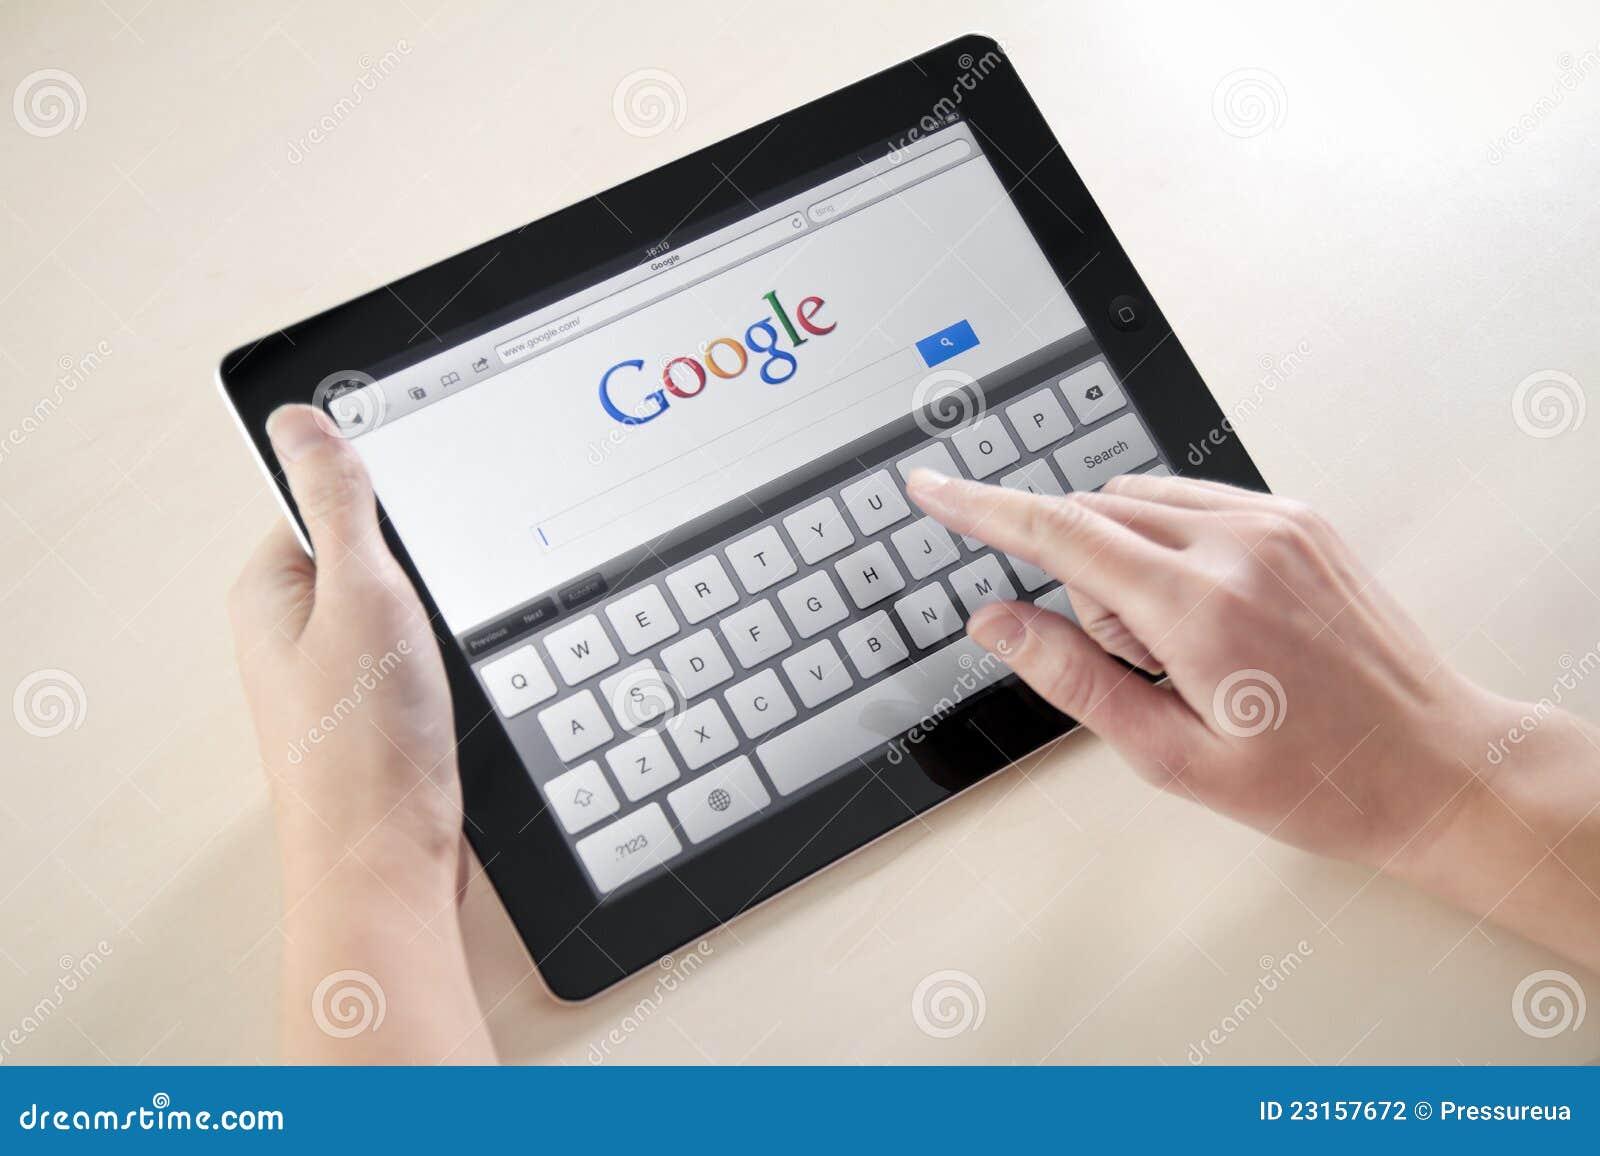 苹果google ipad2